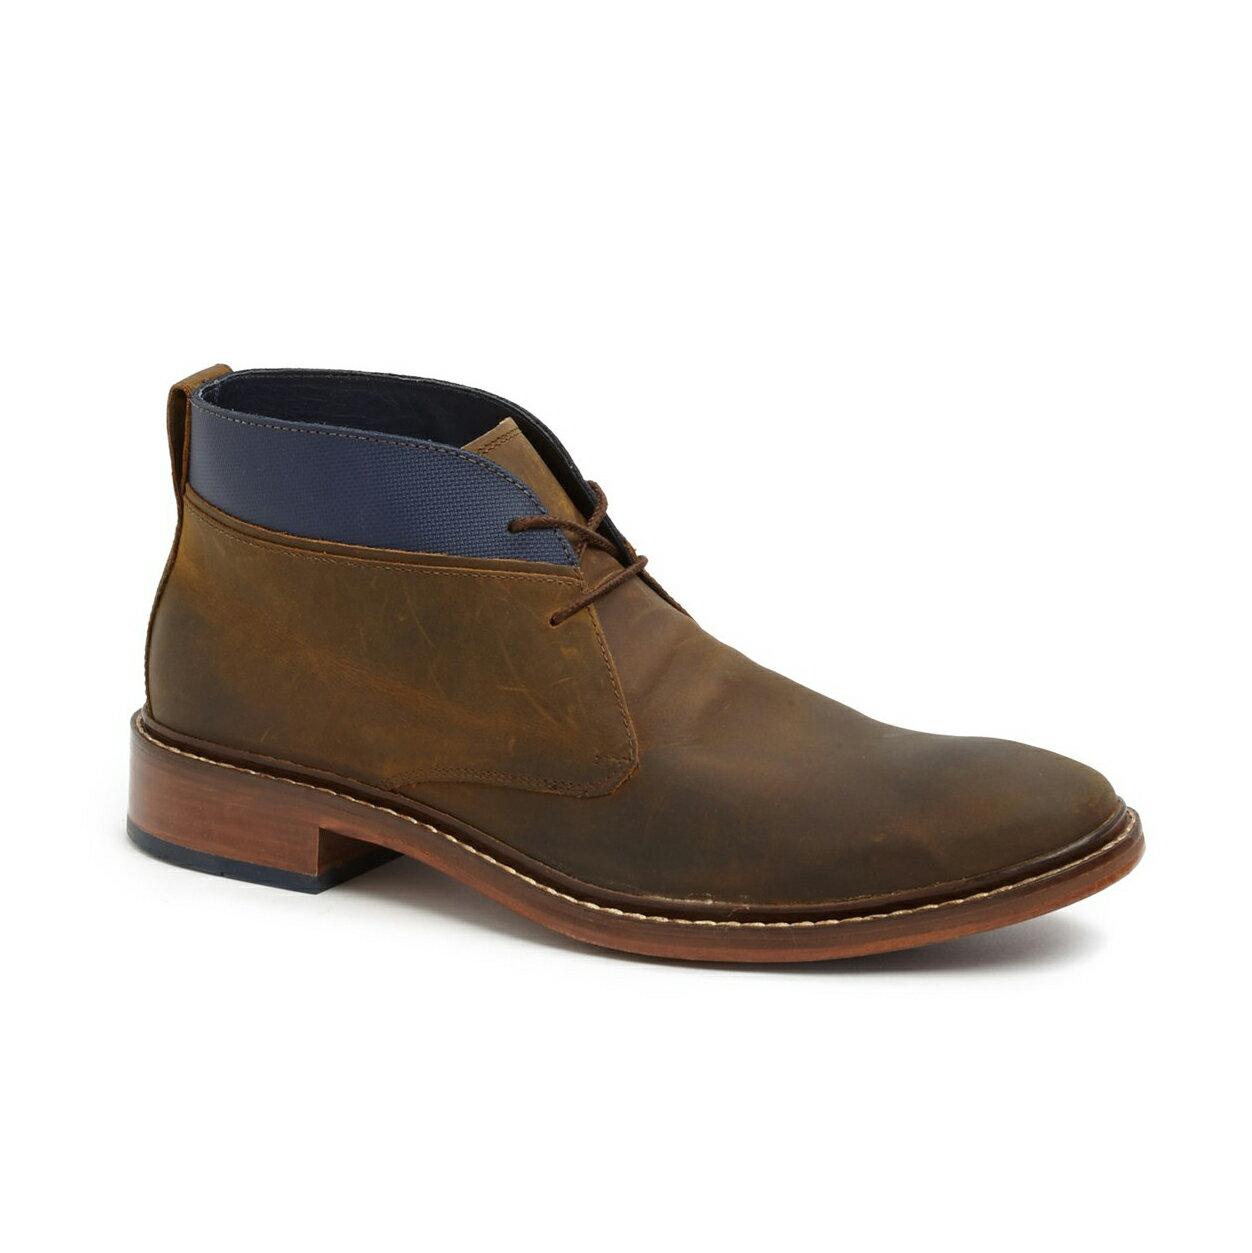 美國百分百【全新真品】Cole Haan 皮靴 工作靴 靴子 登山靴 中筒 沙漠靴 鞋子 男 咖啡色 8號 F368